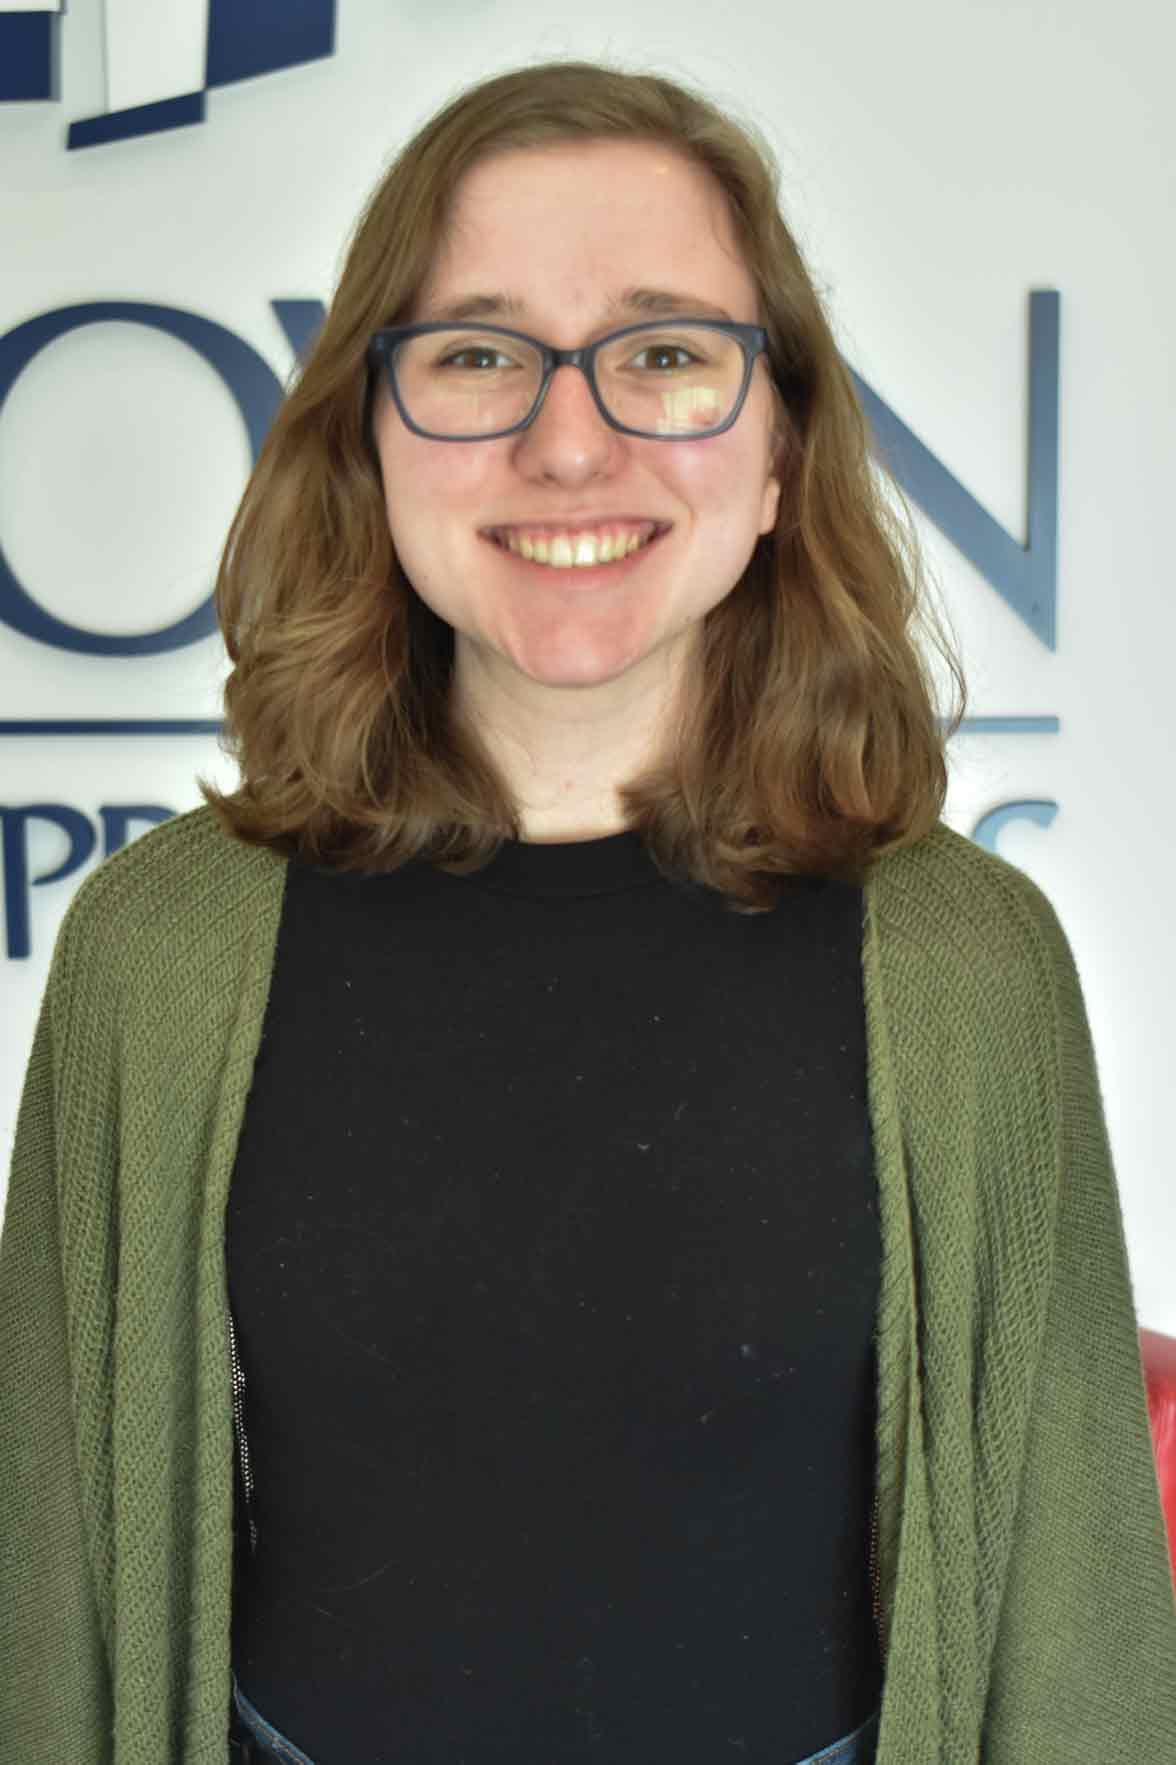 Headshot of Madison Stone.